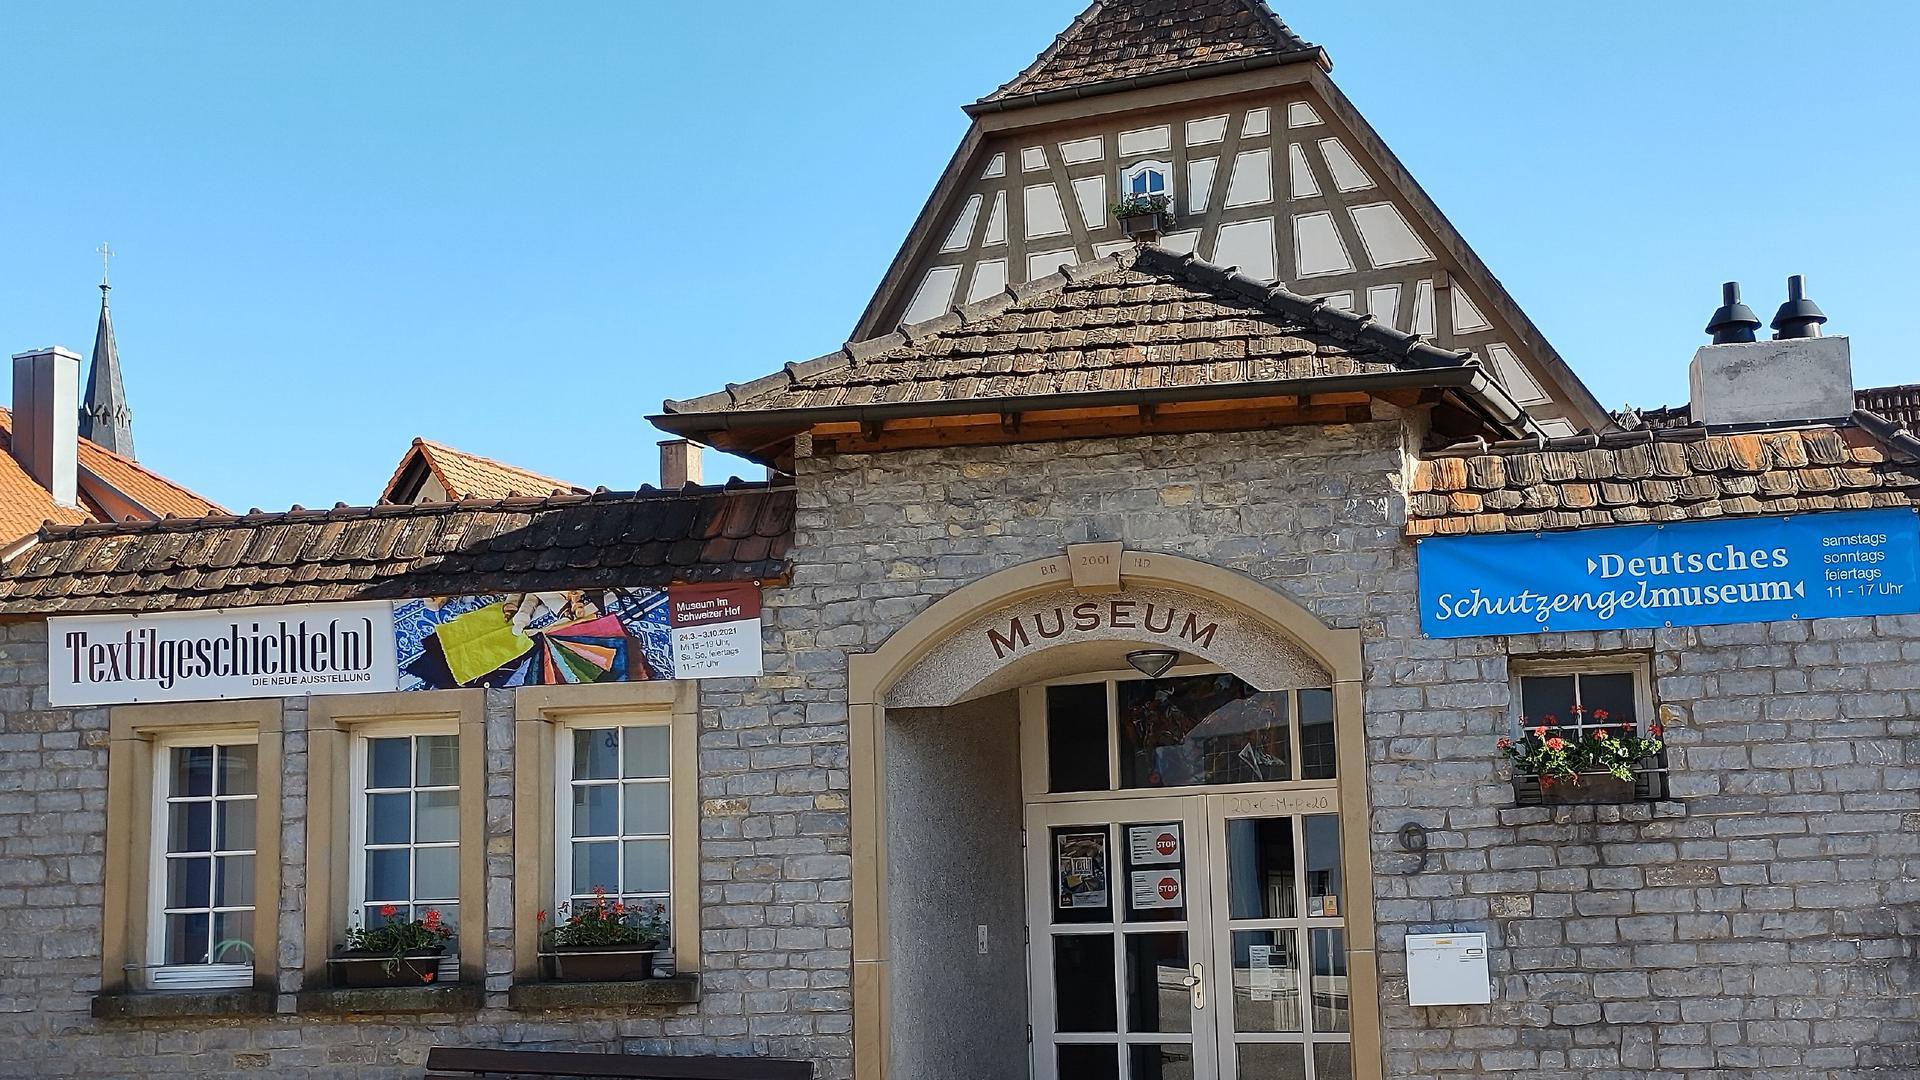 Das Stadtmuseum und das Schutzengel-Museum im Schweizer Hof haben bereits wieder geöffnet.